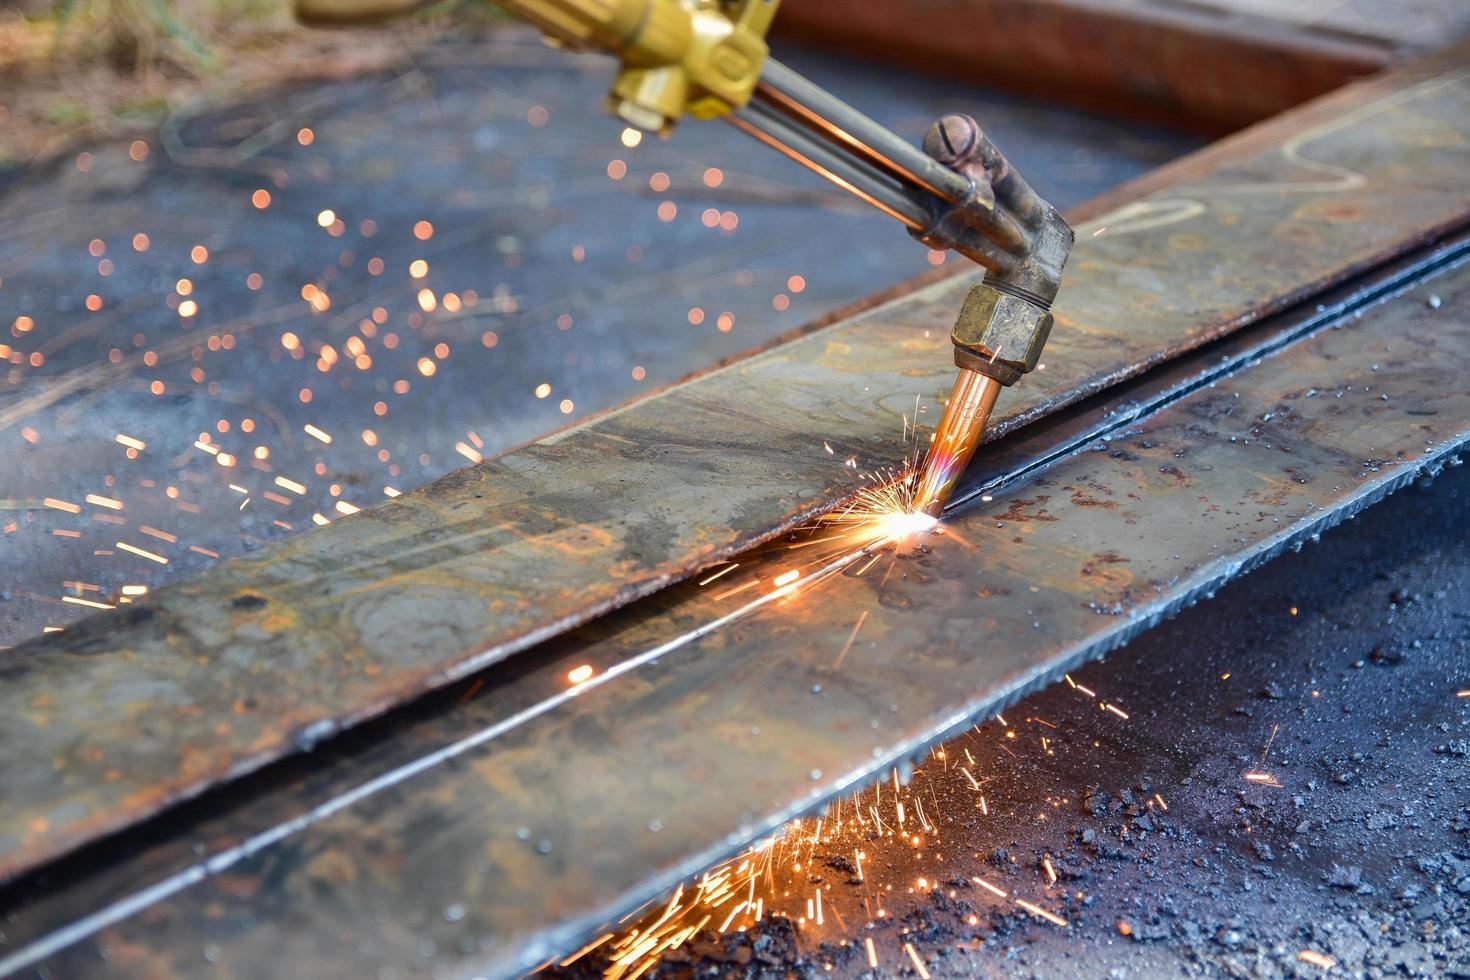 lavoratore taglio piastra metallica foto